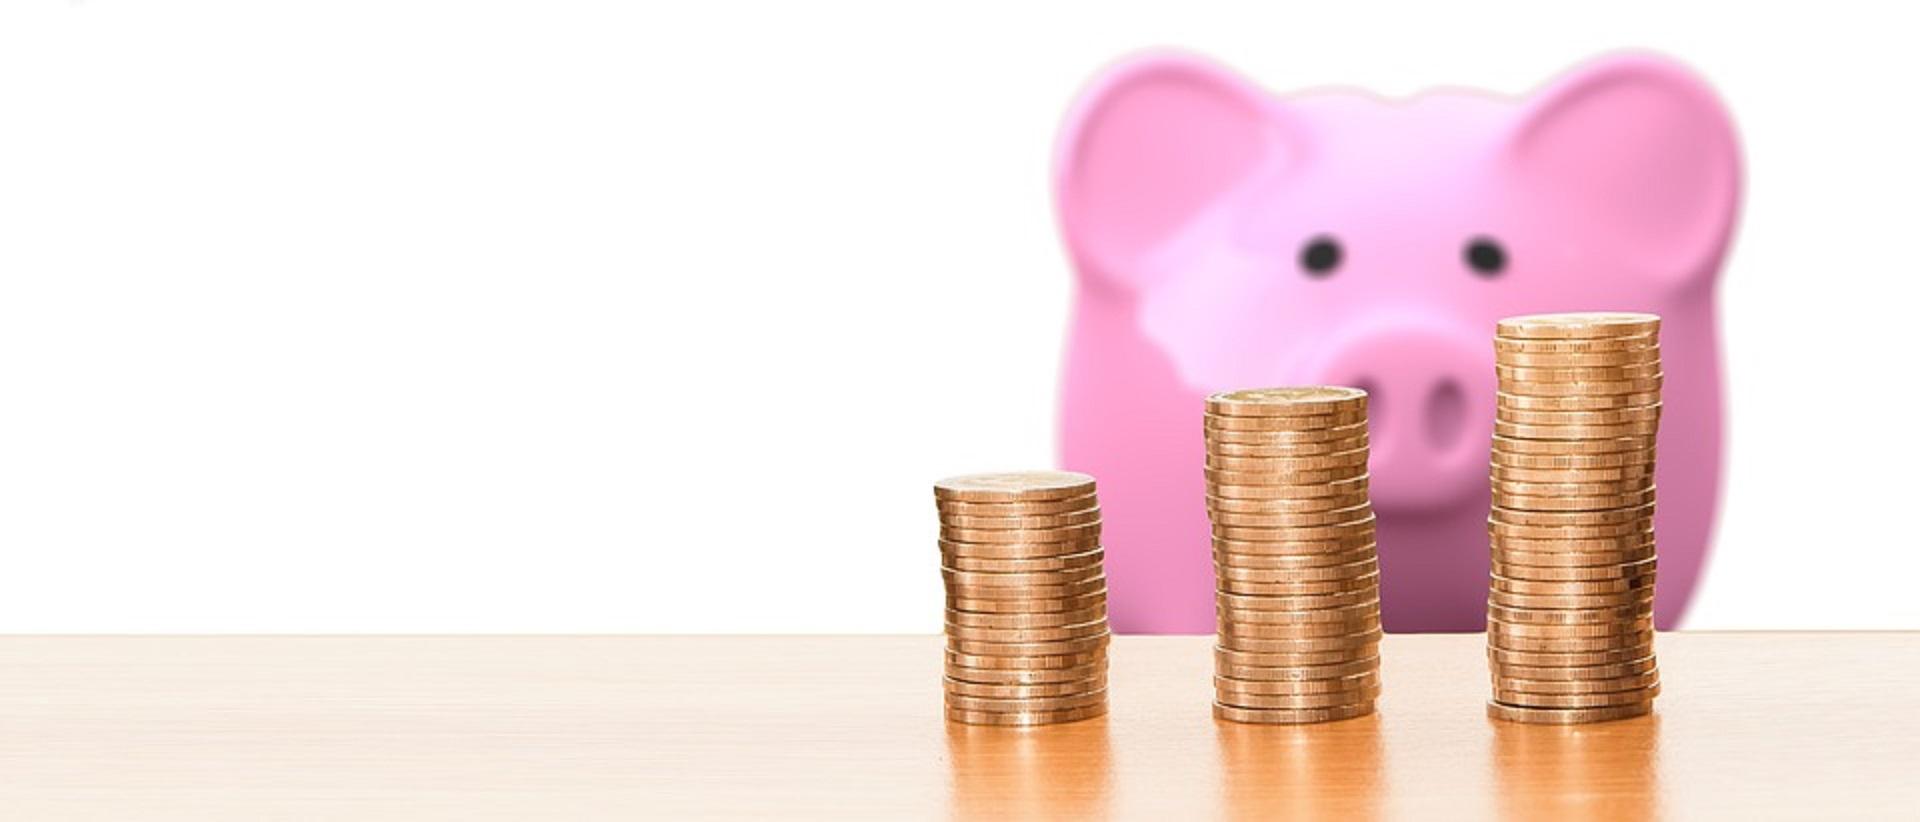 JAK NA RODINNÝ ROZPOČET 3. DÍL: Drobné výdaje jsou skrytý nepřítel.